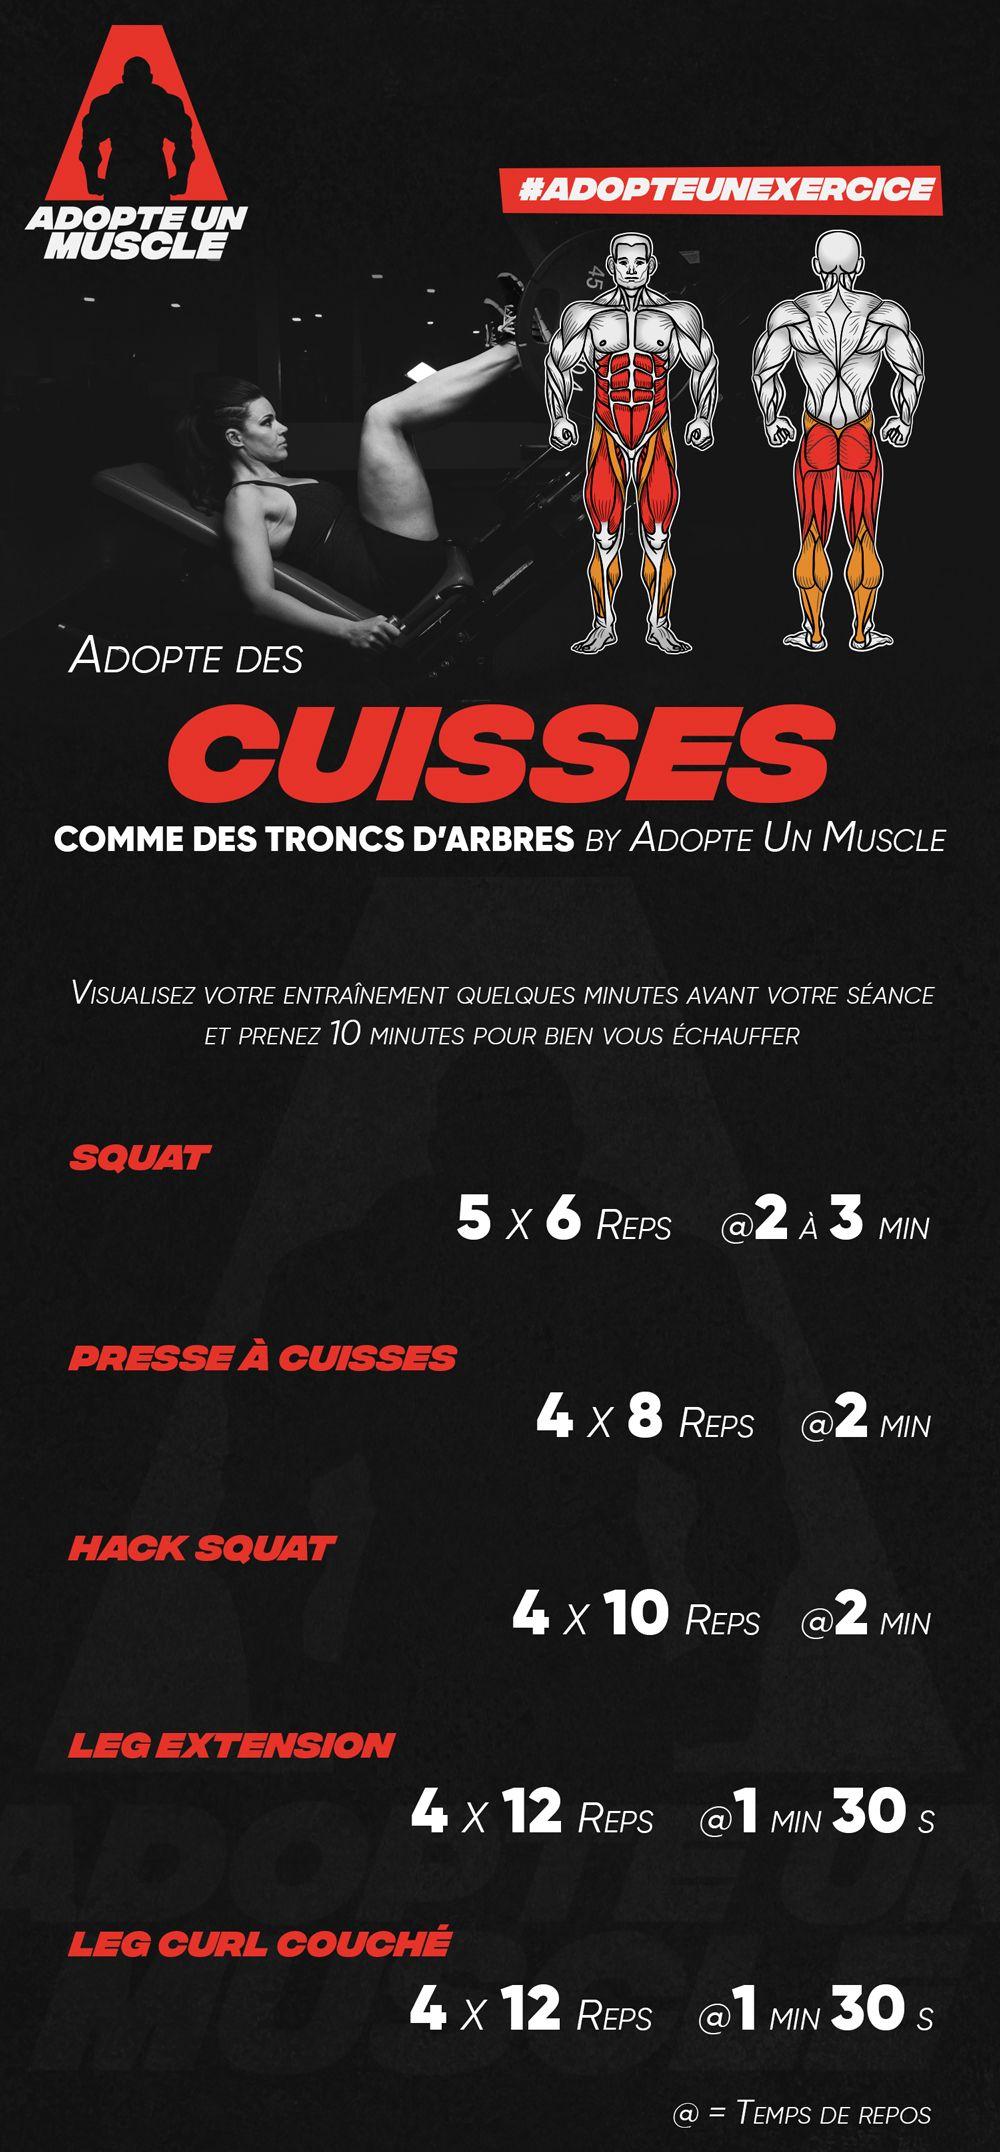 Adopte Des Cuisses Comme Des Troncs D Arbres By Adopte Un Muscle Ce Programme De Musculation Pour Jambes Cible Princip Sports Programme Sports Sport Fitness